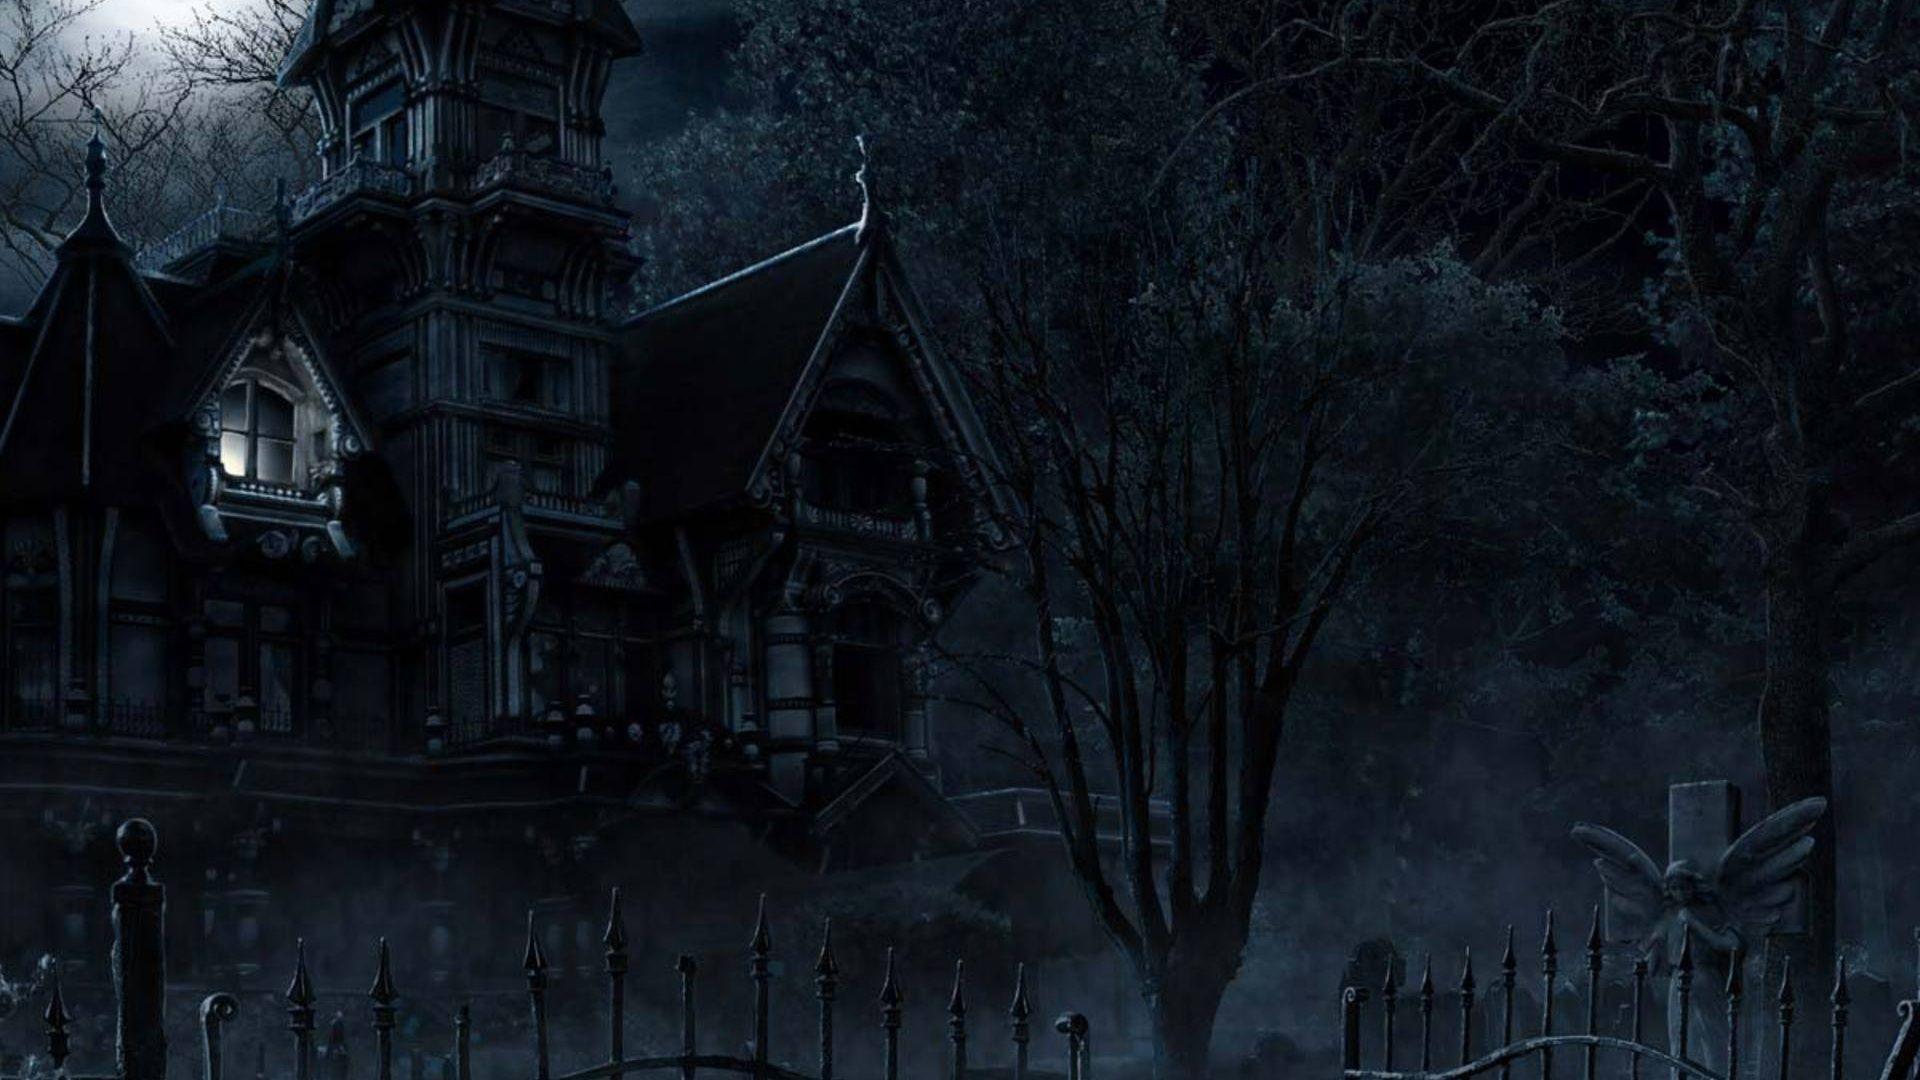 google halloween wallpaper for desktop Halloween Wallpapers 82 1920x1080